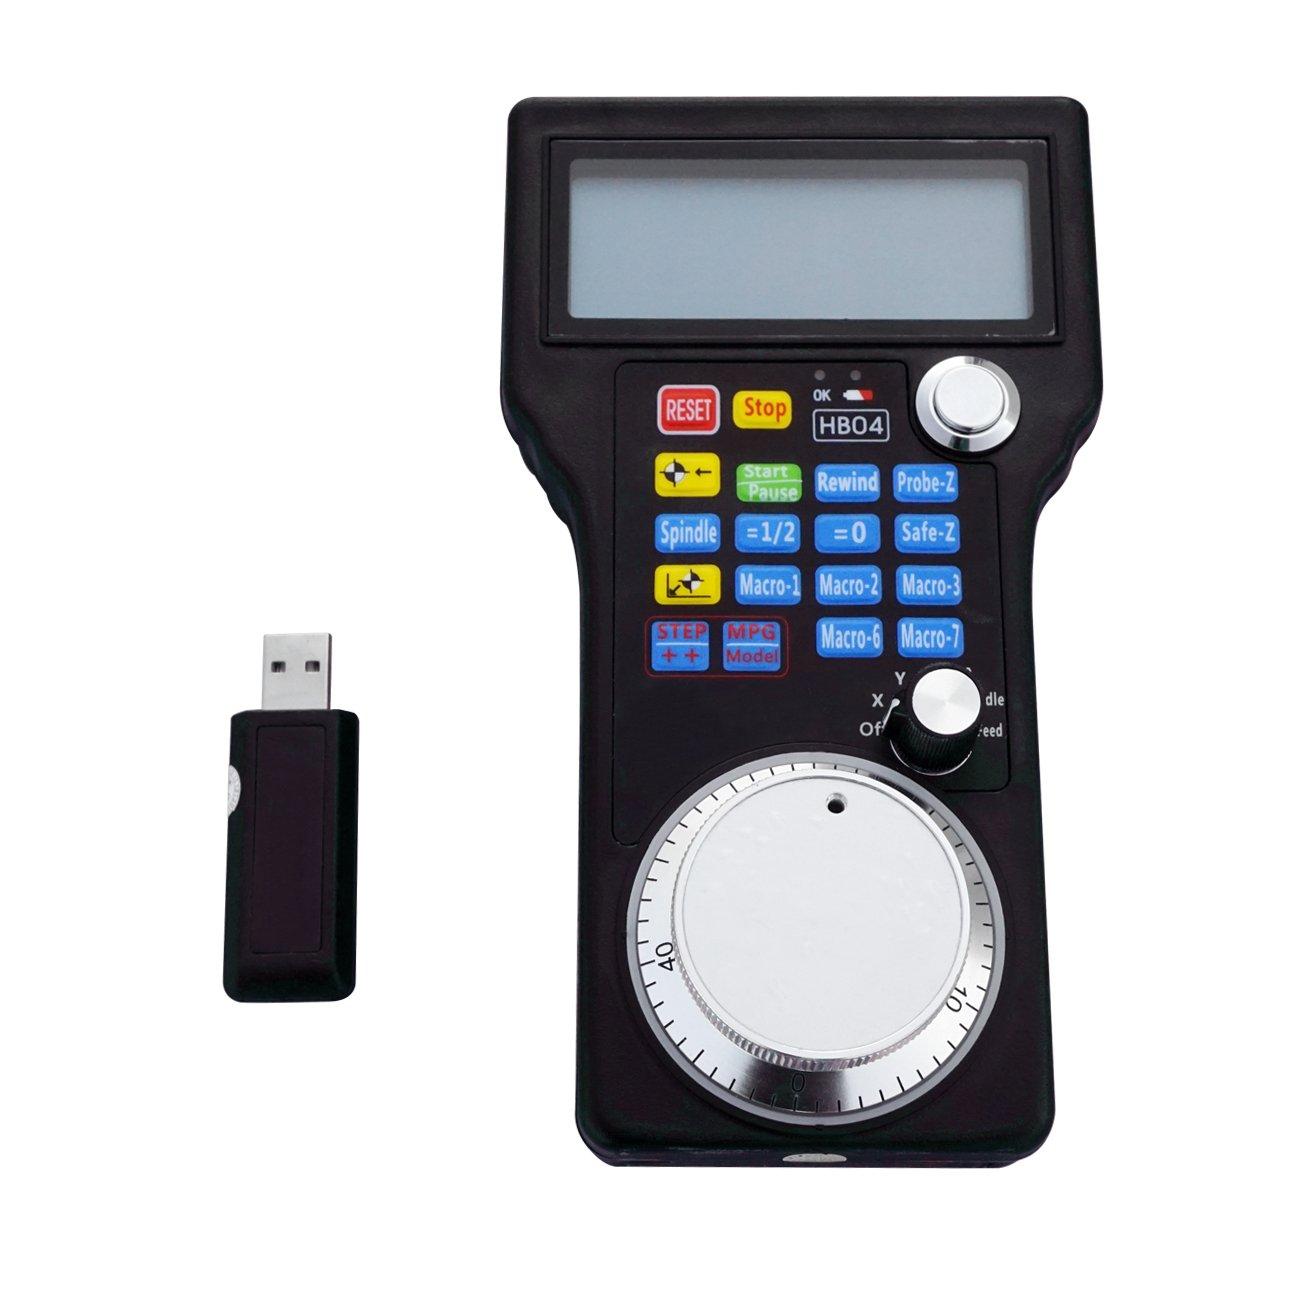 ECO-WORTHY Wireless Handrad MPG Anhänger USB Mach 3 für CNC 3 4 Achsen Fräsmaschine, CNC-Drehmaschinen